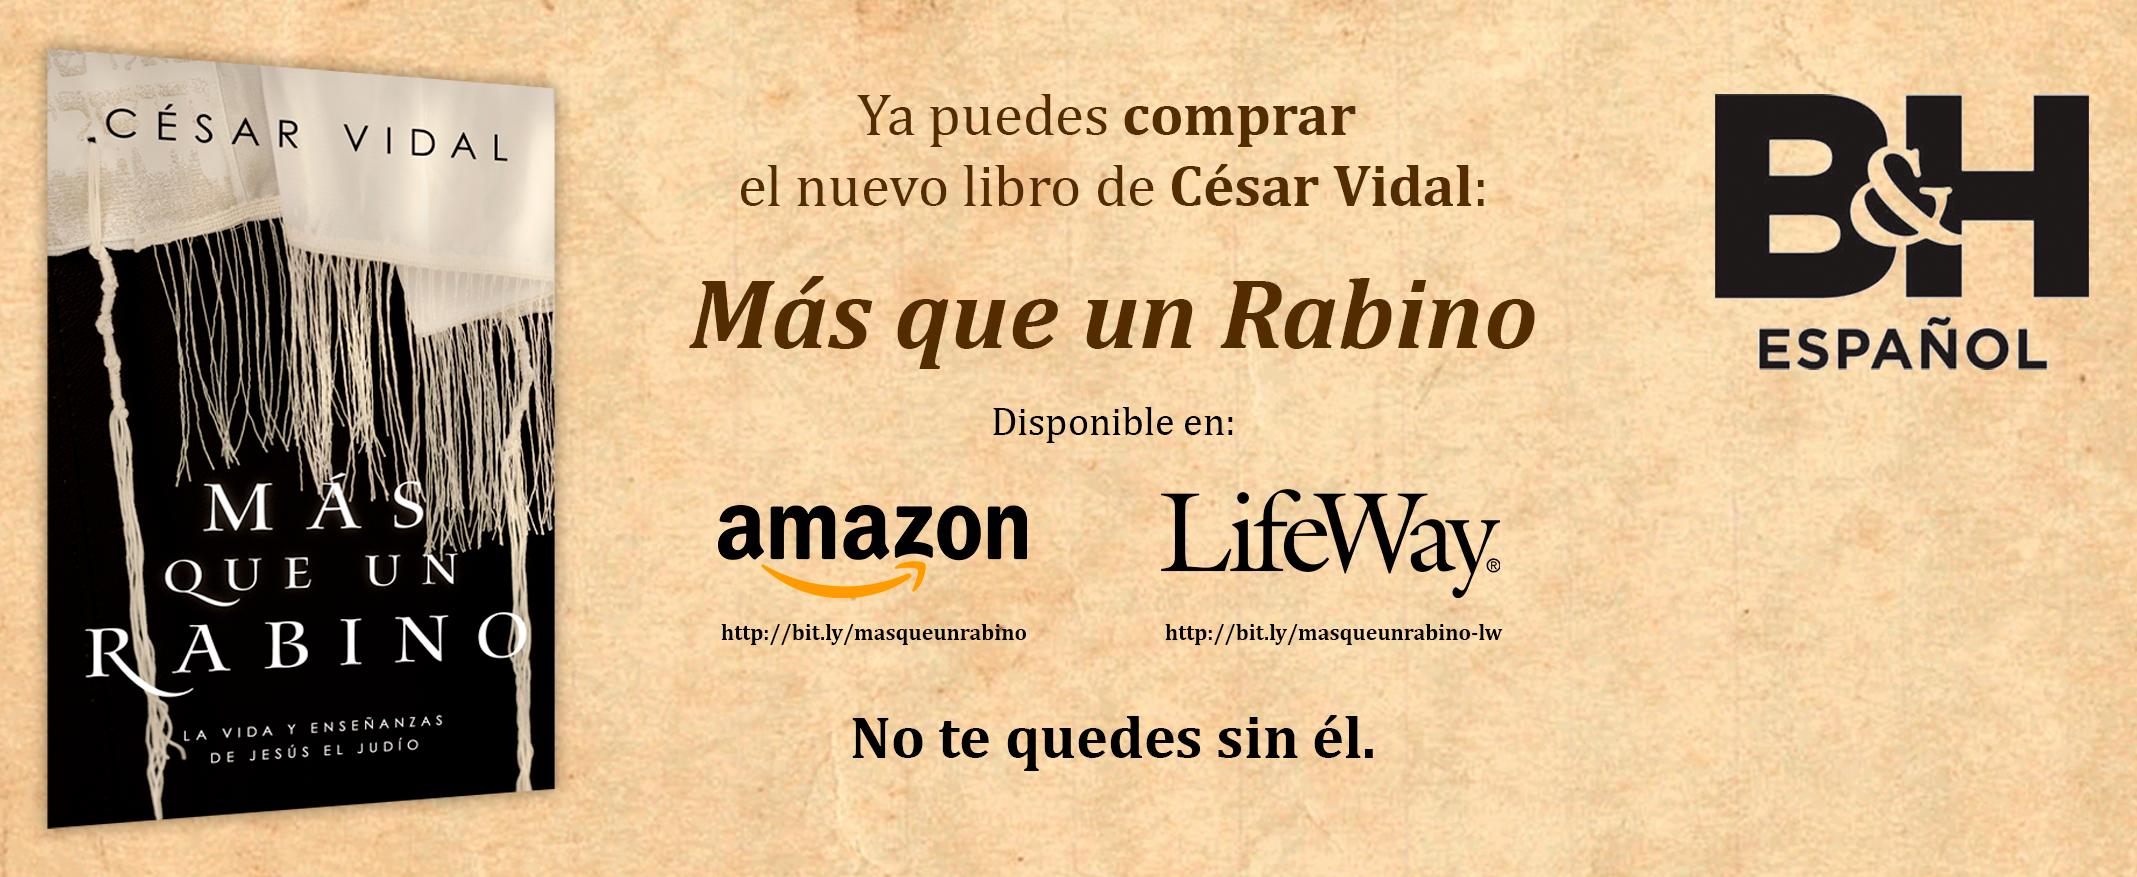 Ya puedes comprar el libro de César Vidal Más que un Rabino en Amazon